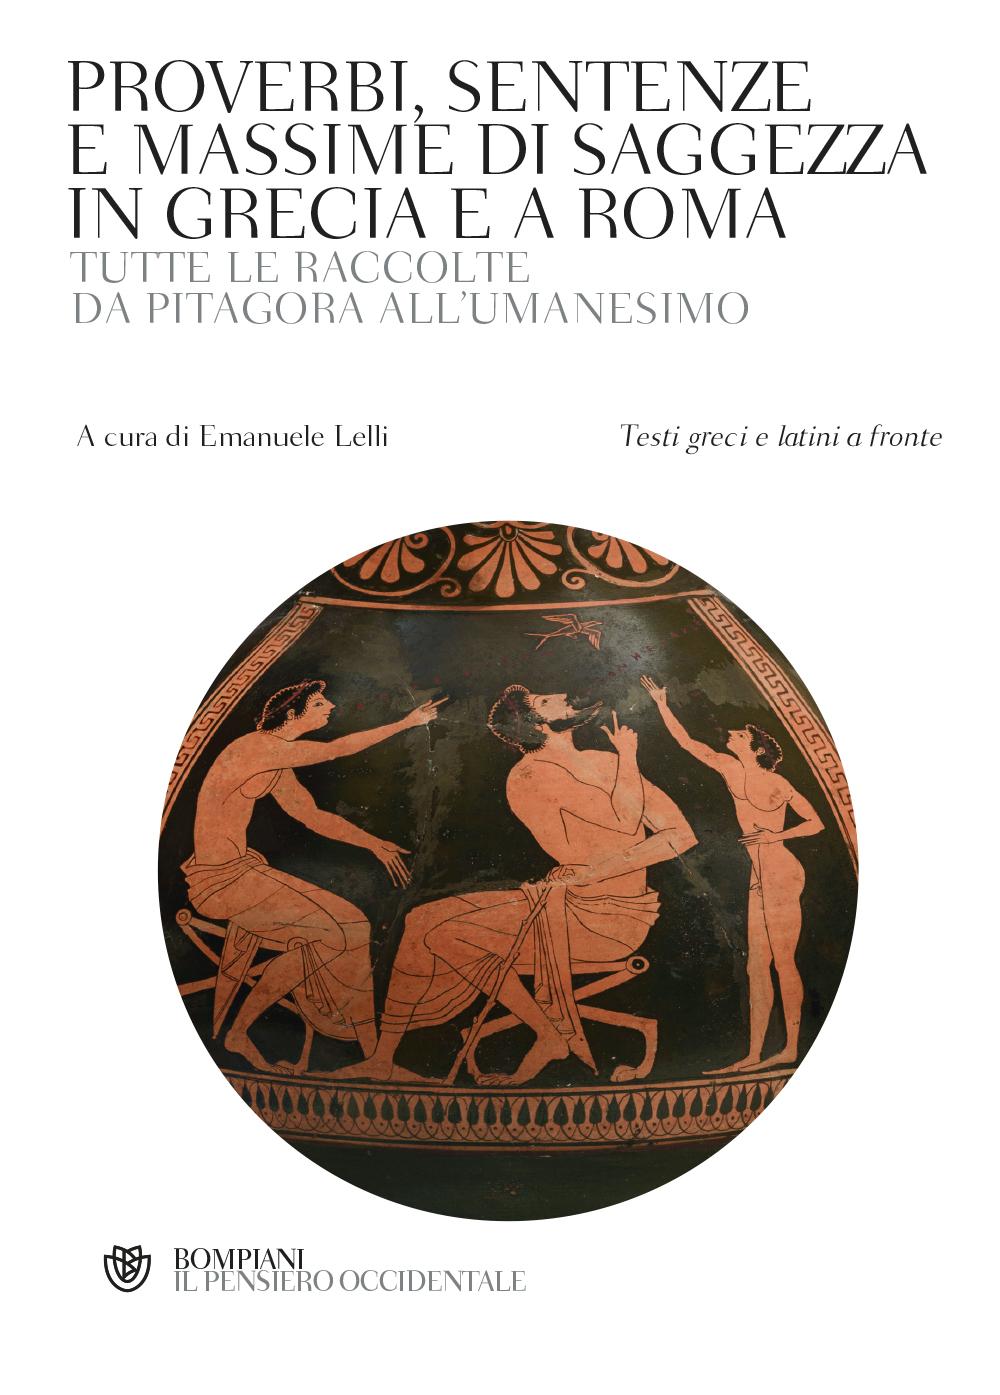 Proverbi, sentenze e massime di saggezza in Grecia e a Roma